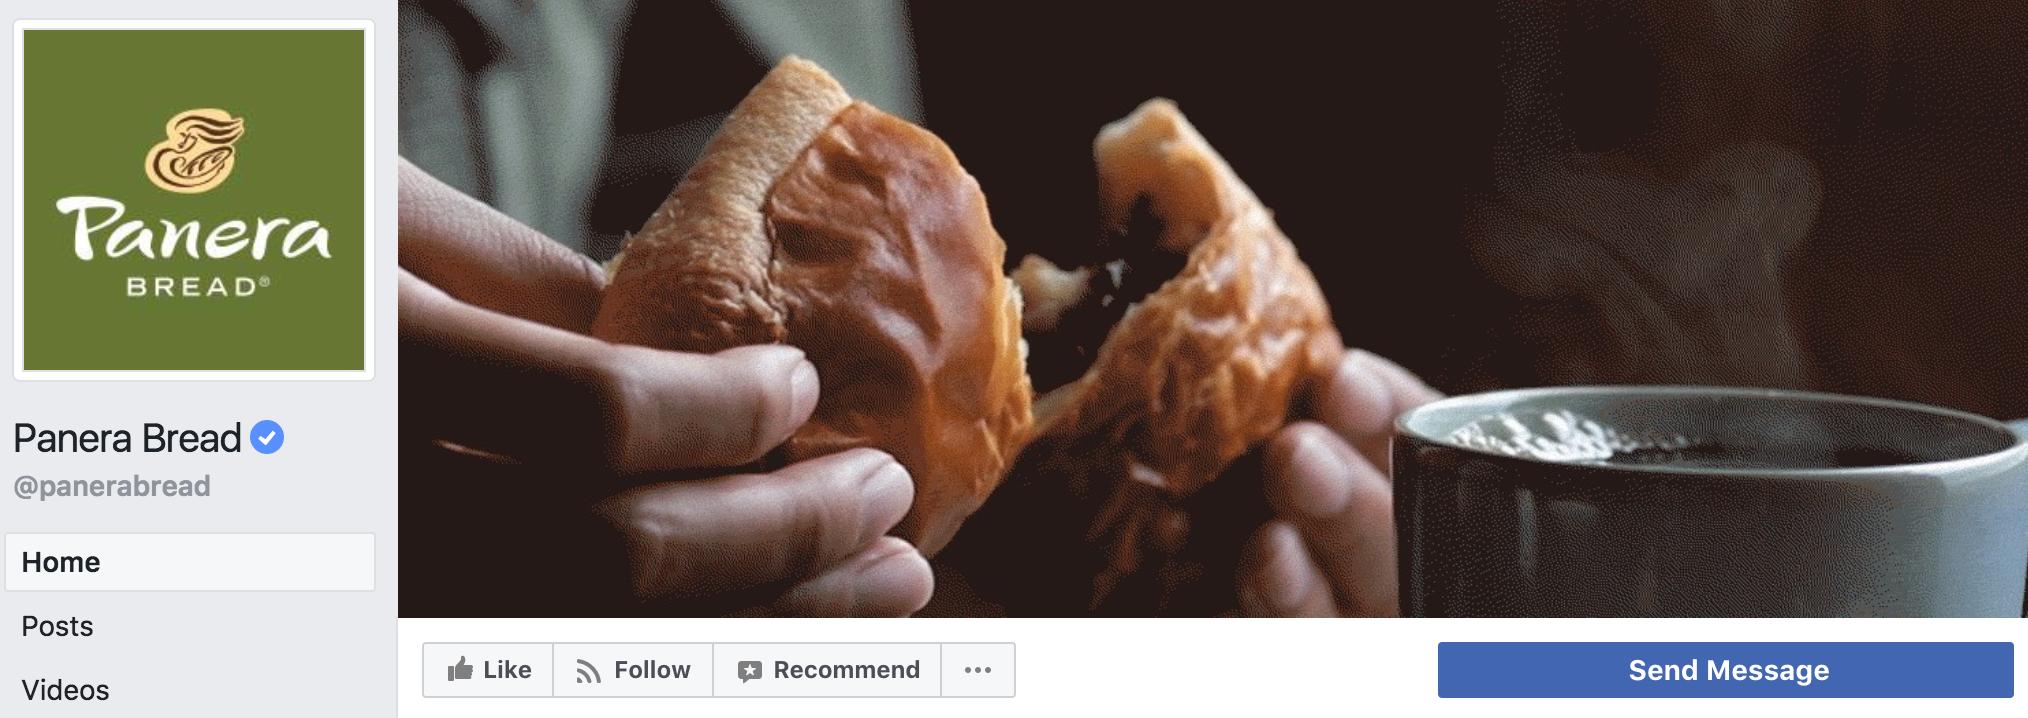 facebook social media marketing panera